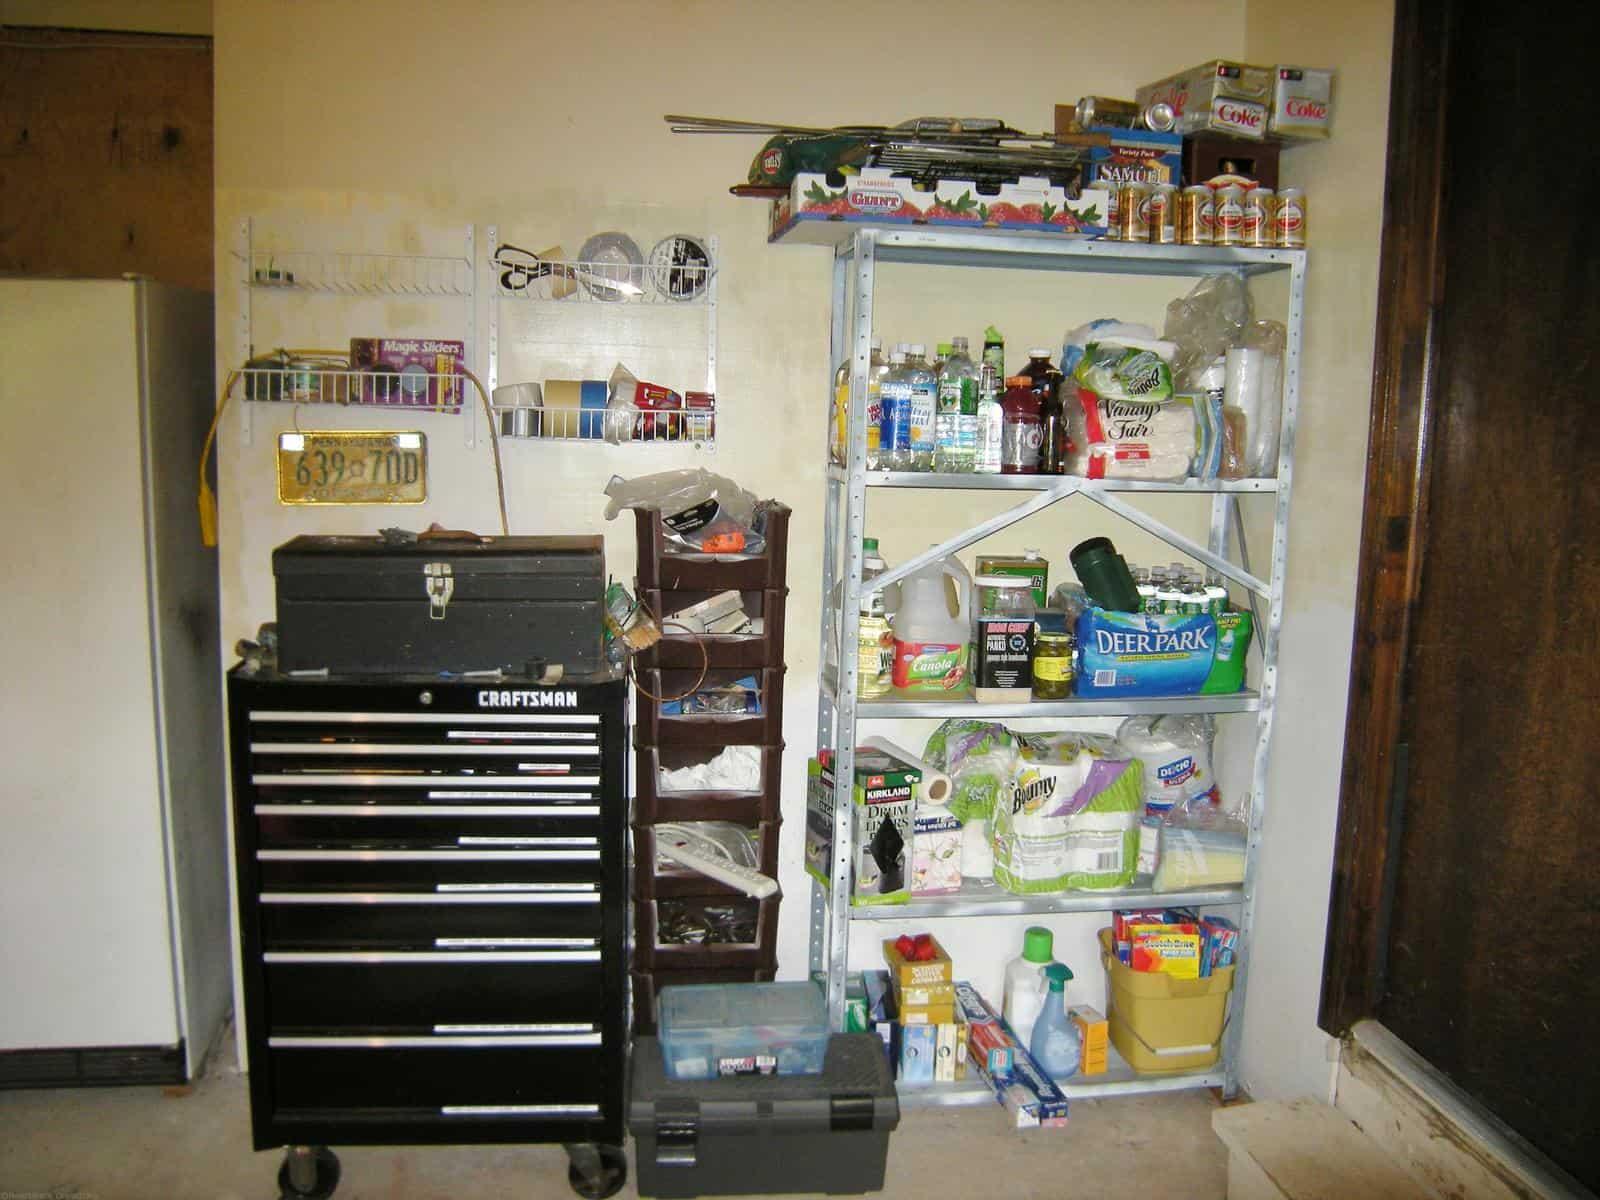 garage organization tips frugal my ideas adventures clever